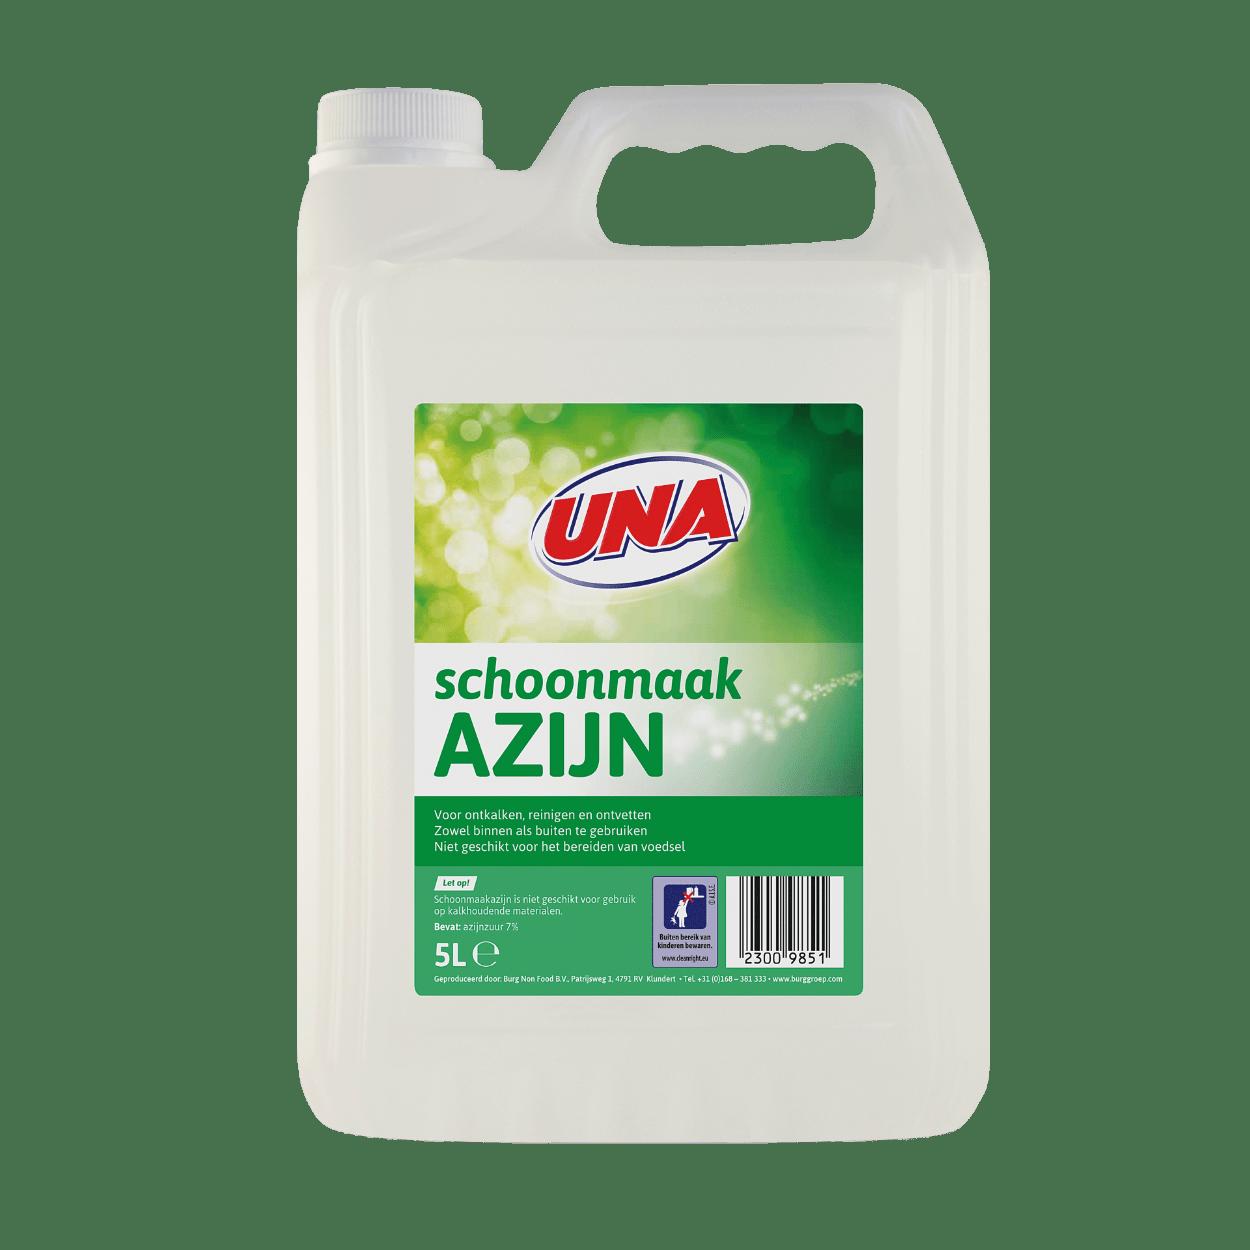 Schoonmaakazijn 5 Liter Aldi.Schoonmaakazijn